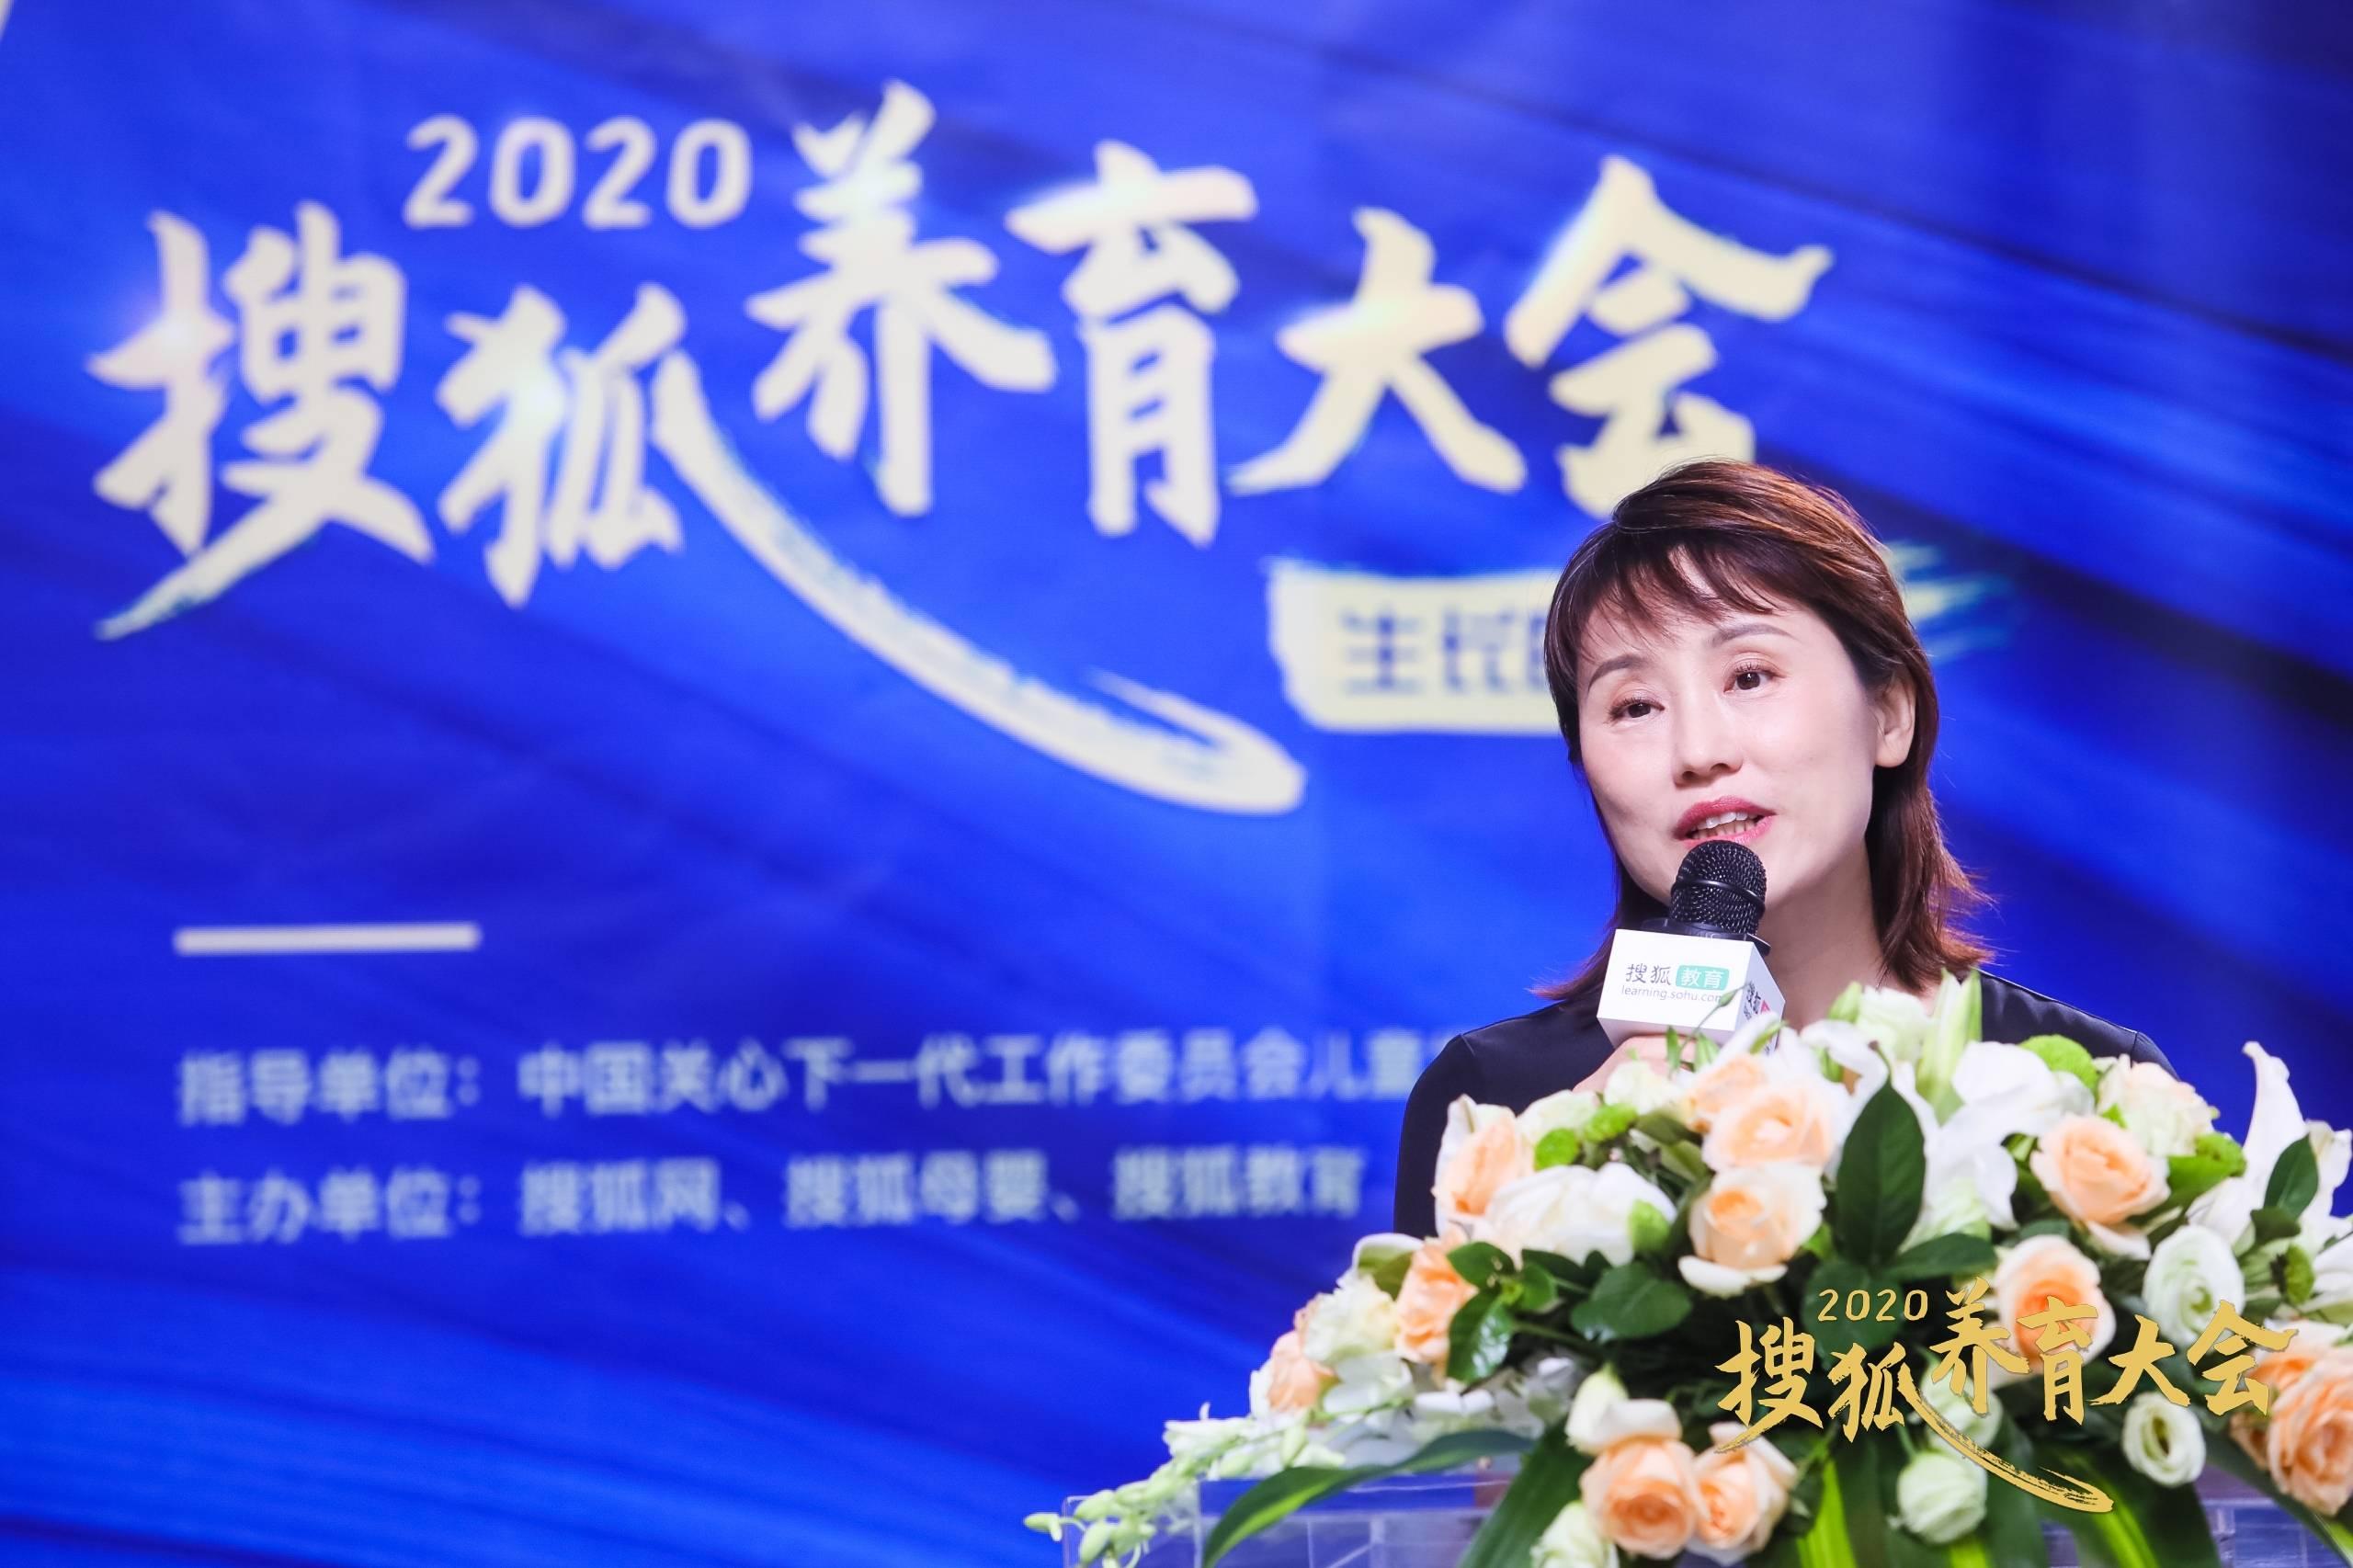 搜狐公司运营及人力资源副总裁张雪梅:养育不是把篮子塞满,而是点燃一把火